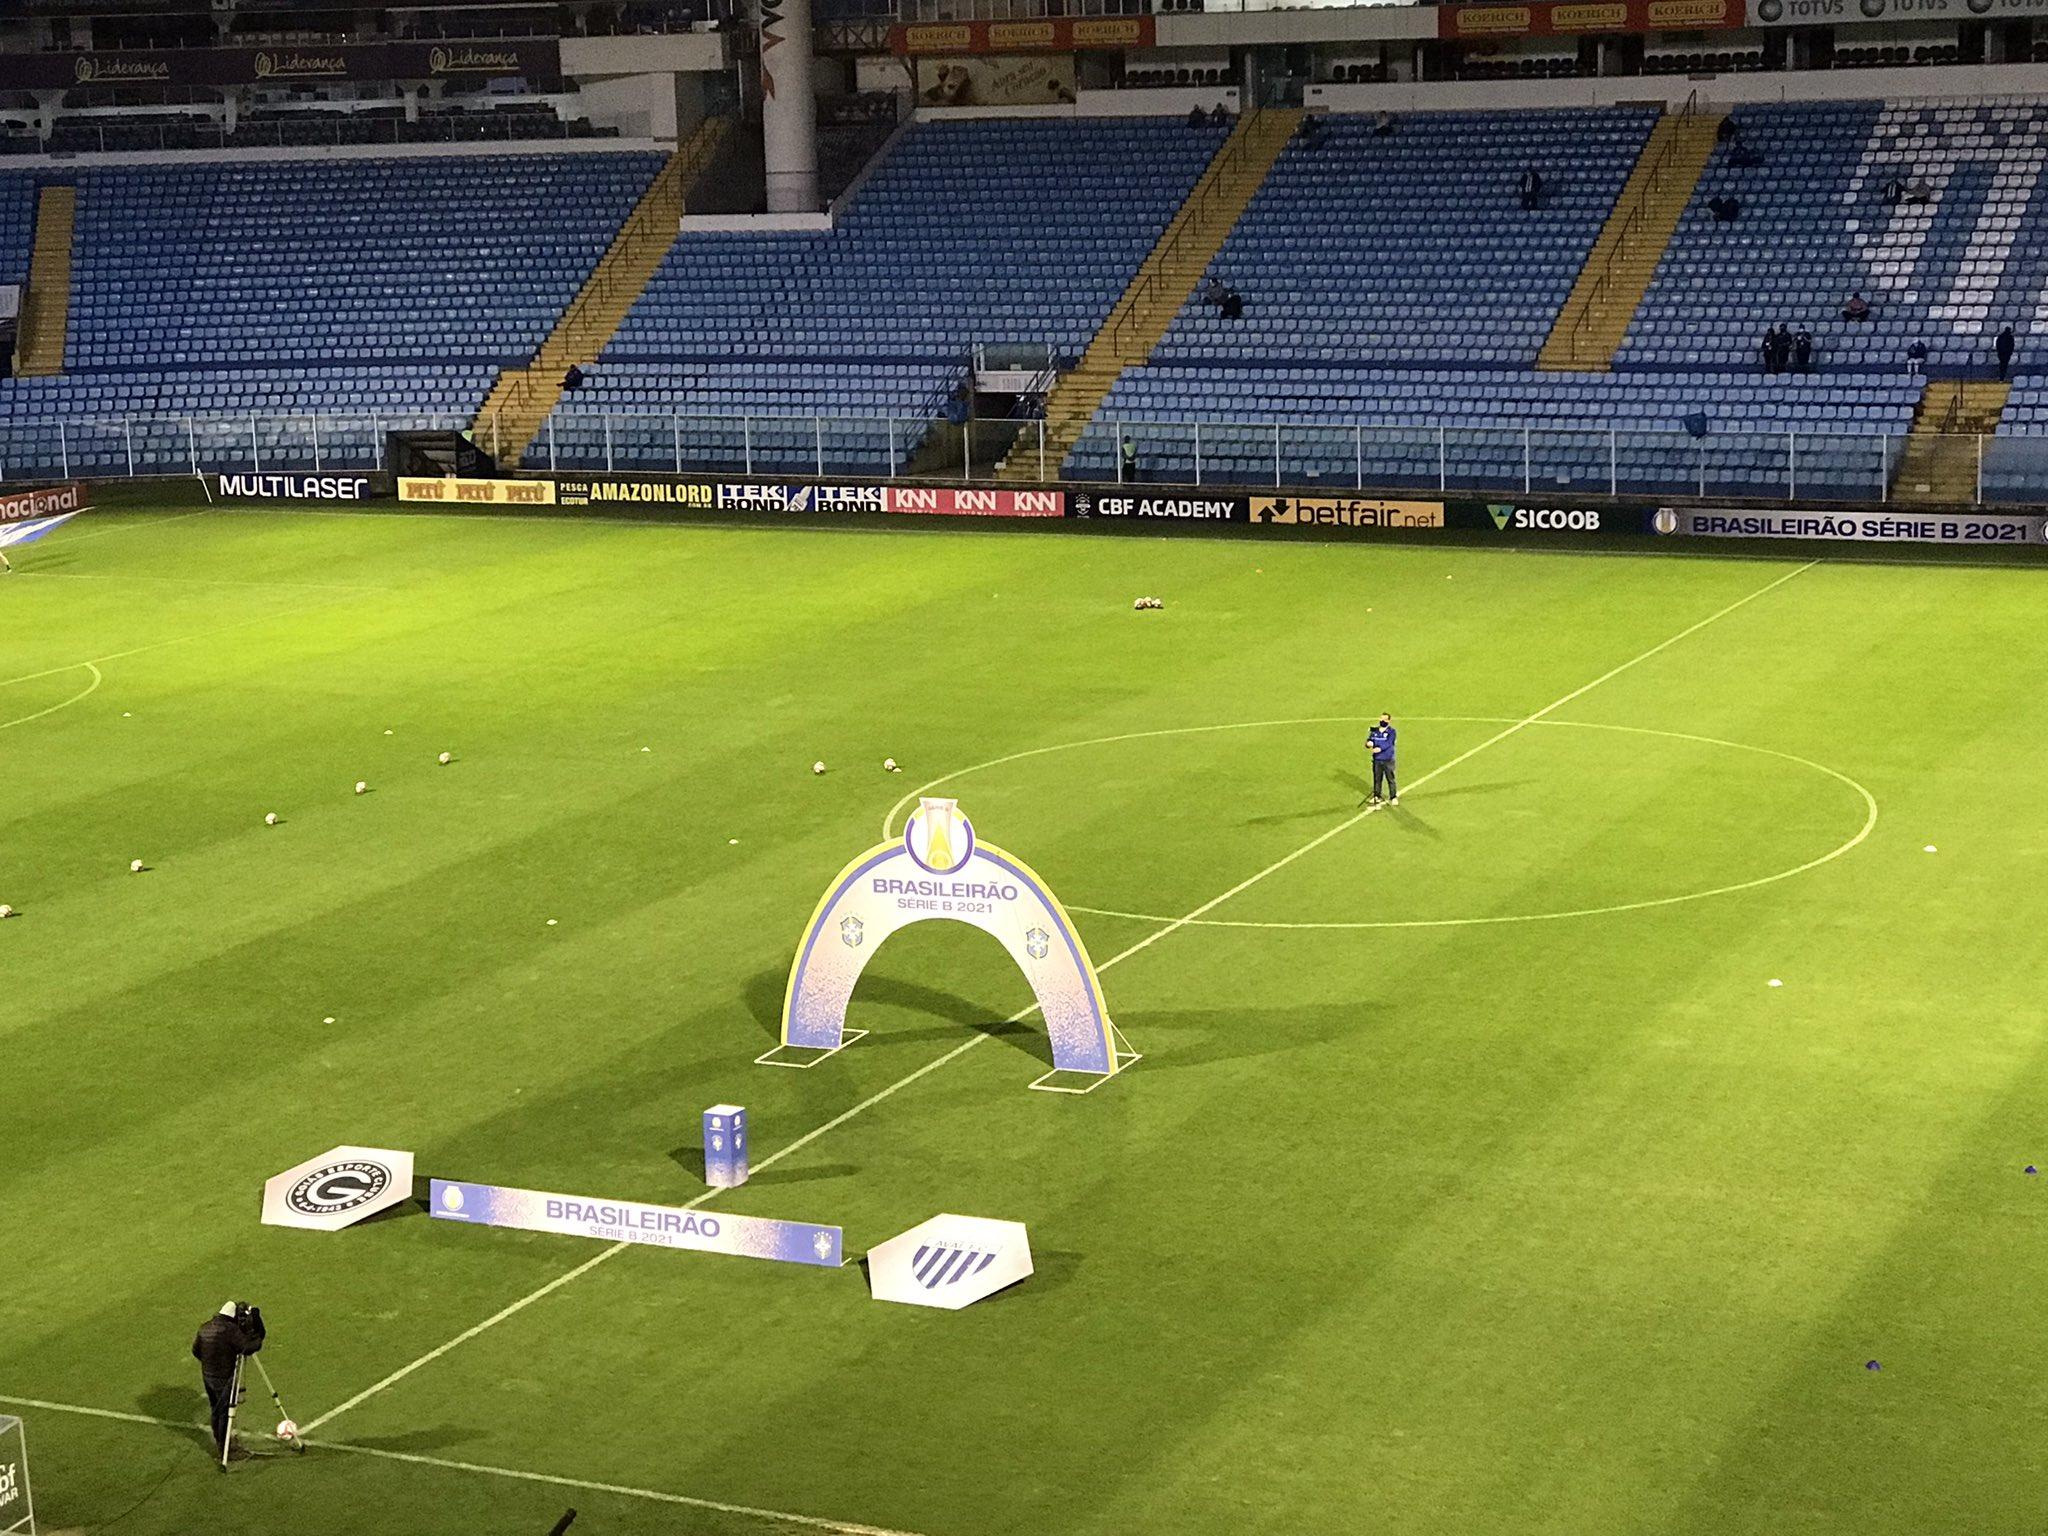 Com objetivos divergentes, Avaí e Ponte Preta se enfrentam na noite desta terça-feira (05), às 19h, no Estádio Aderbal Ramos da Silva (Ressacada)